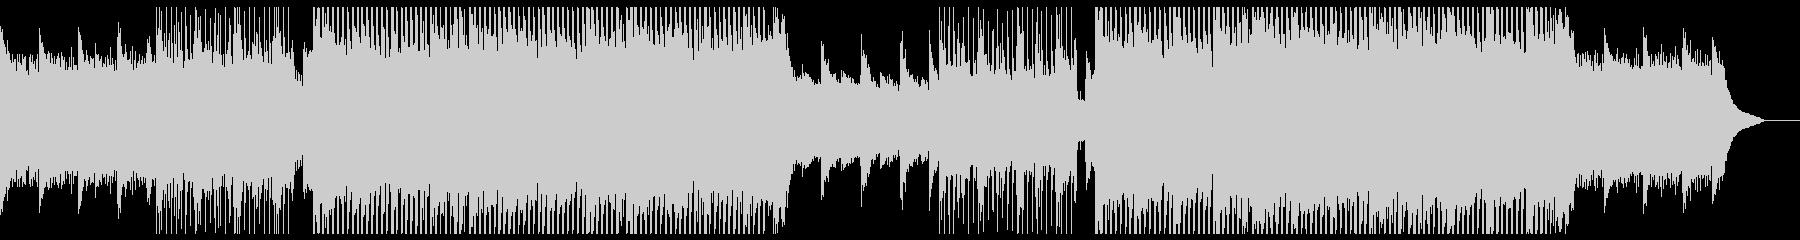 爽やかなピアノのチルアウトシンフォニー。の未再生の波形